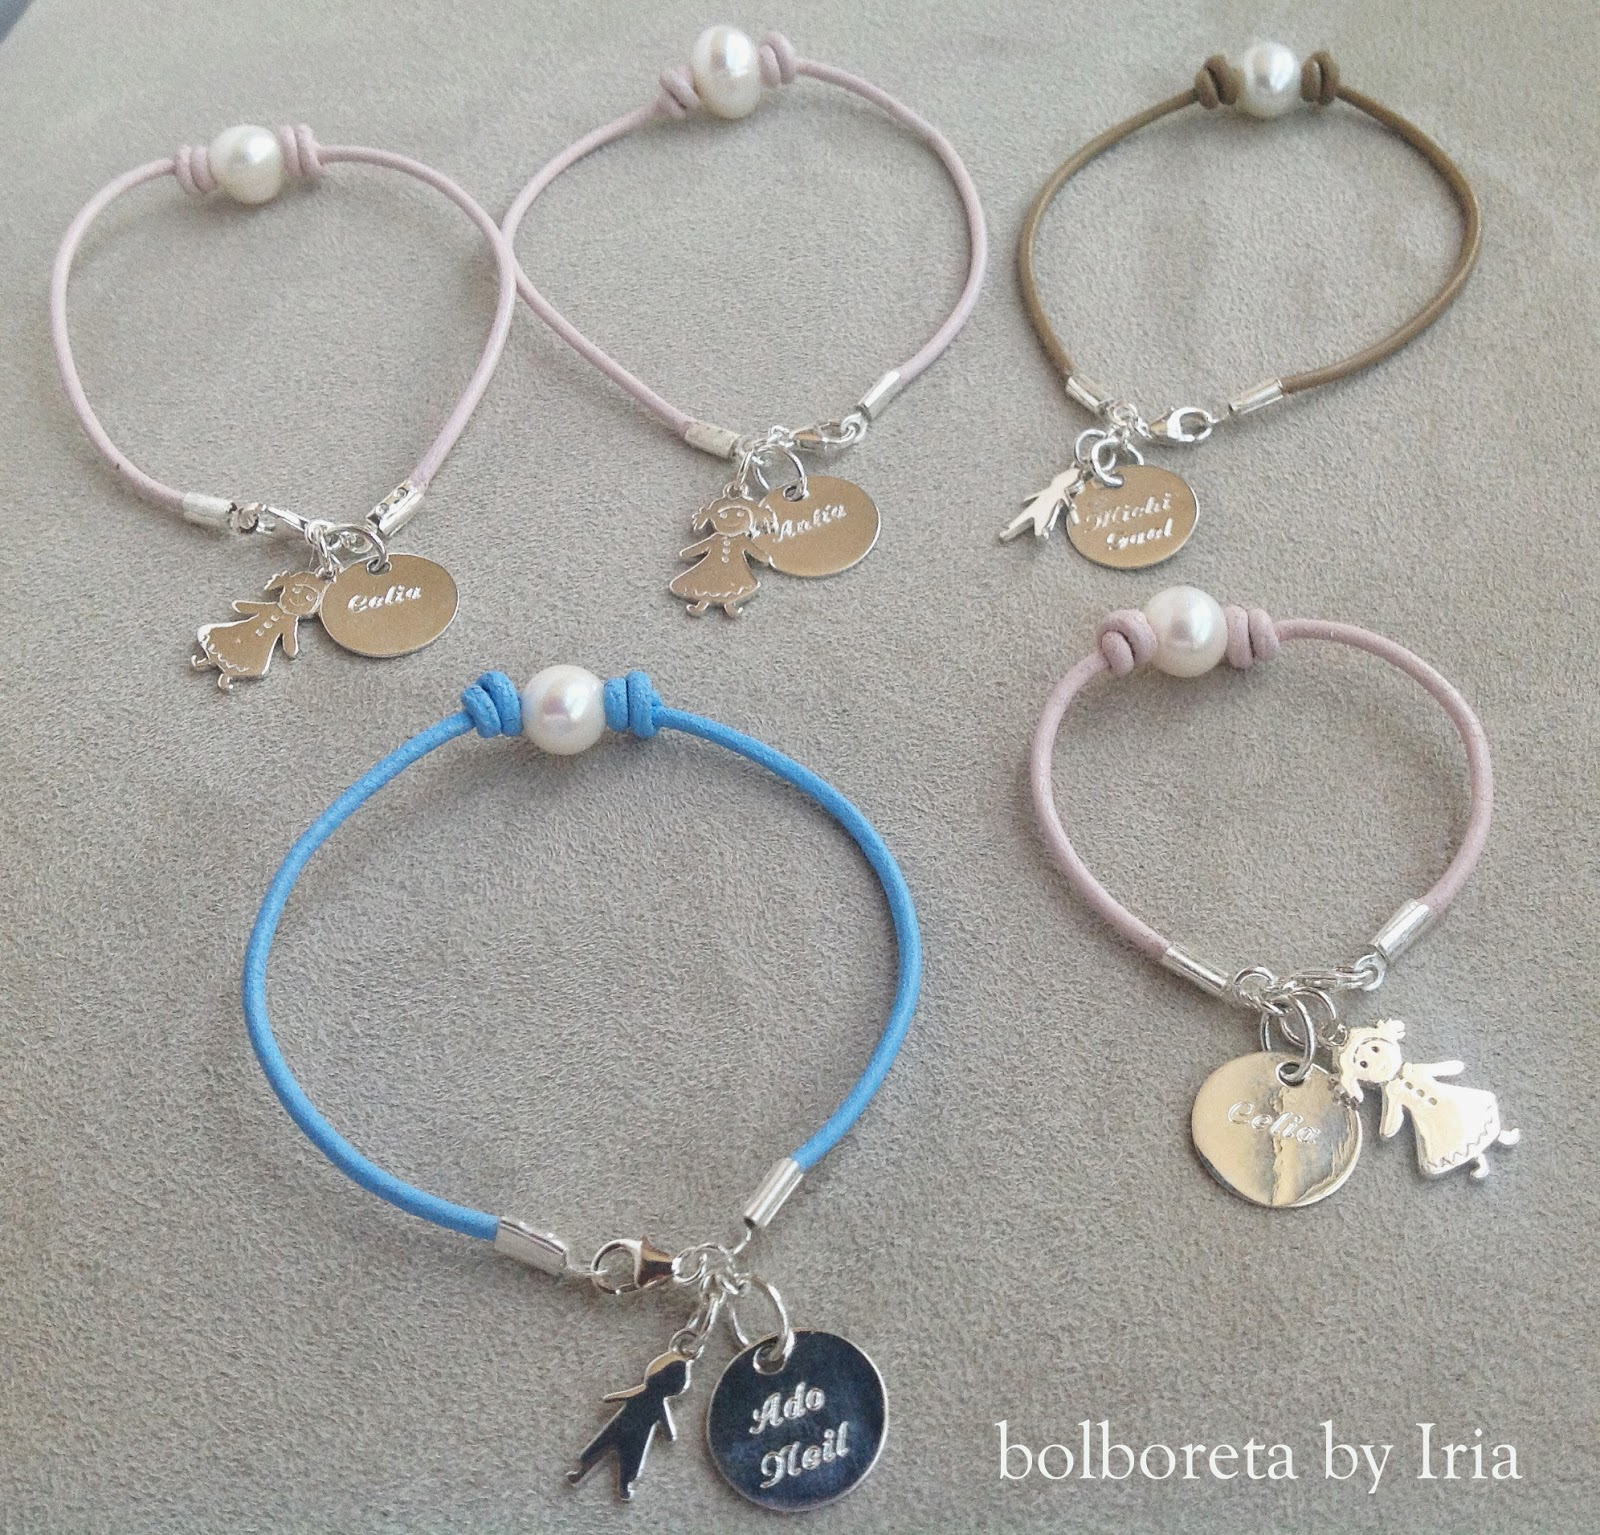 19e1902b50b5 Bolboreta by Iria (complementos)  Pulseras de cuero y perlas con ...